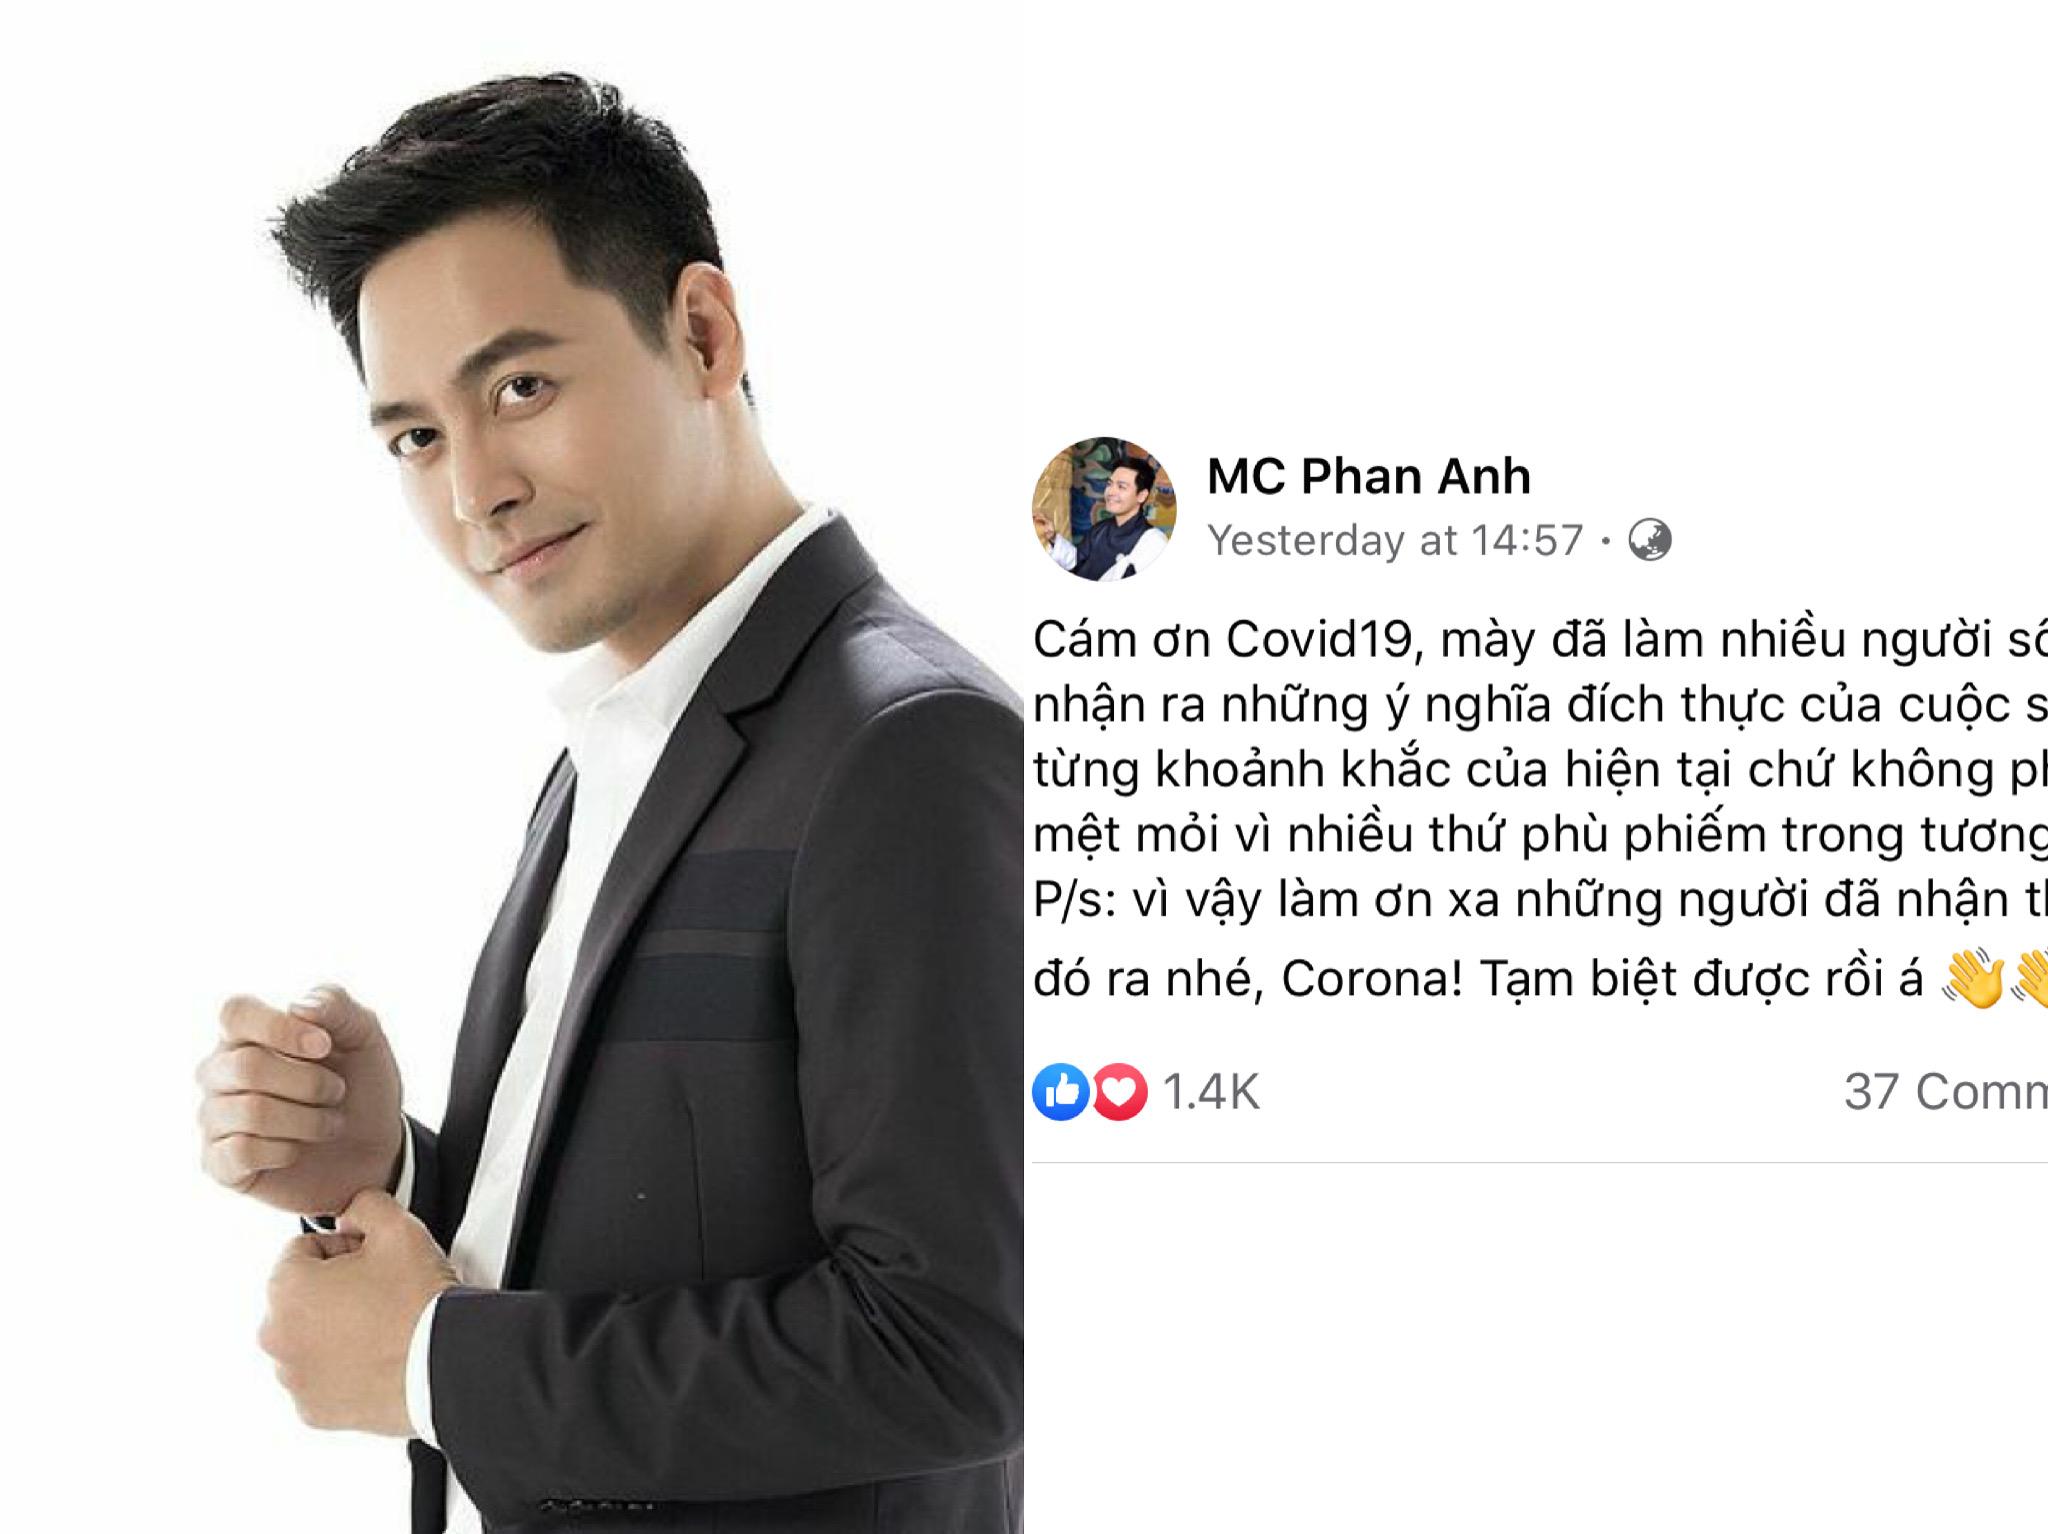 MC Phan Anh gây tranh cãi với phát ngôn 'Cám ơn Covid-19'